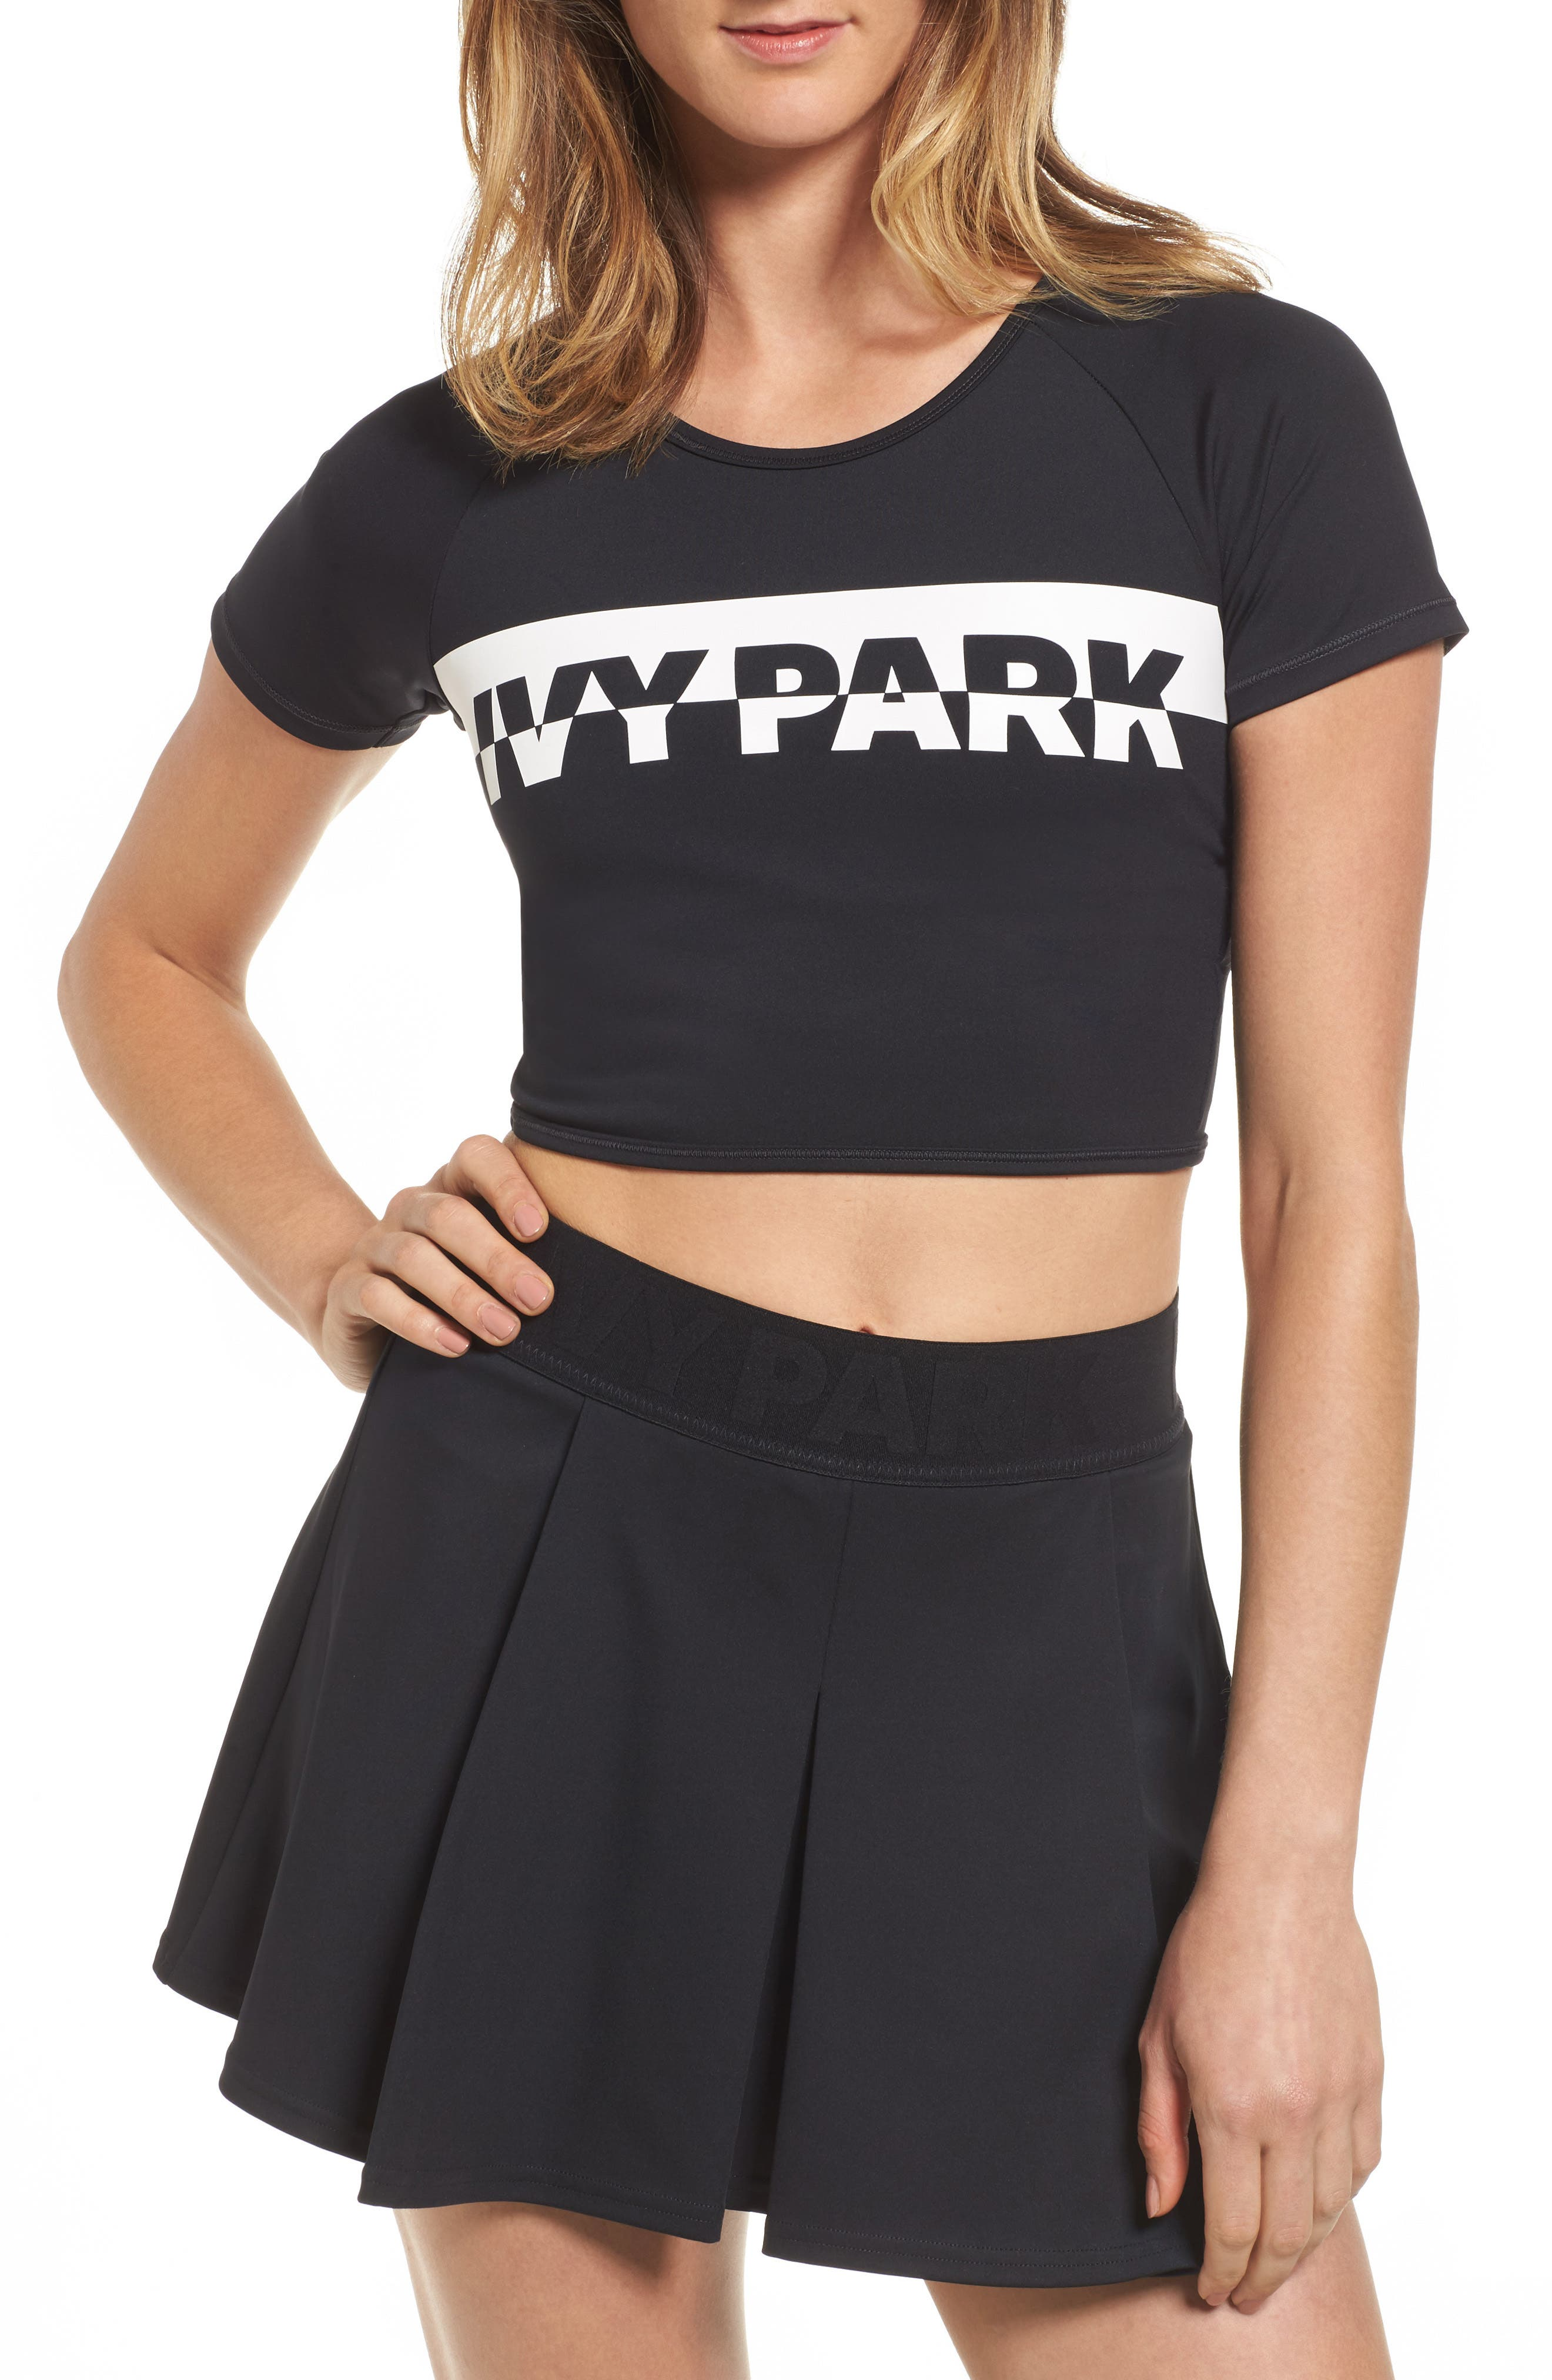 IVY PARK® Broken Logo Crop Top